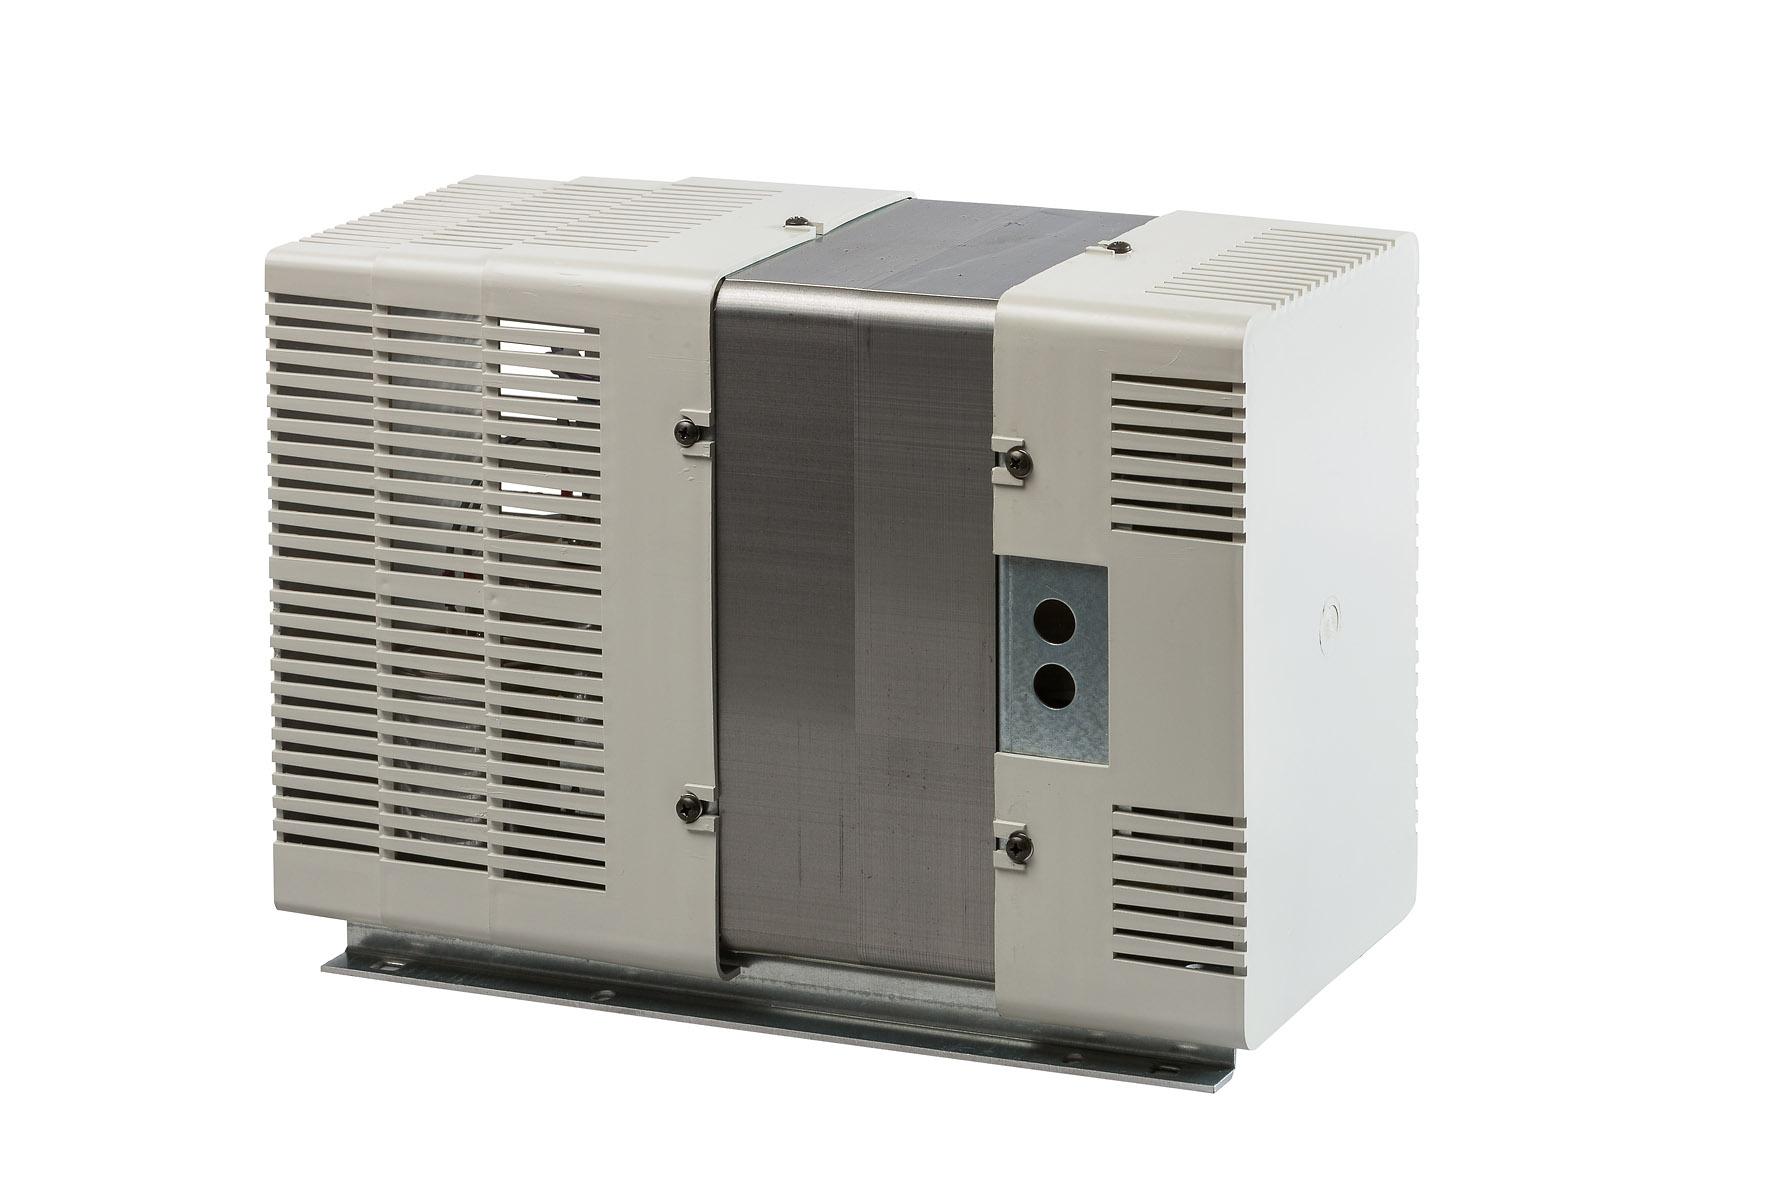 9415 014 14151 (PE1414/15) - Line Conditioner 220V/220V-1500VA